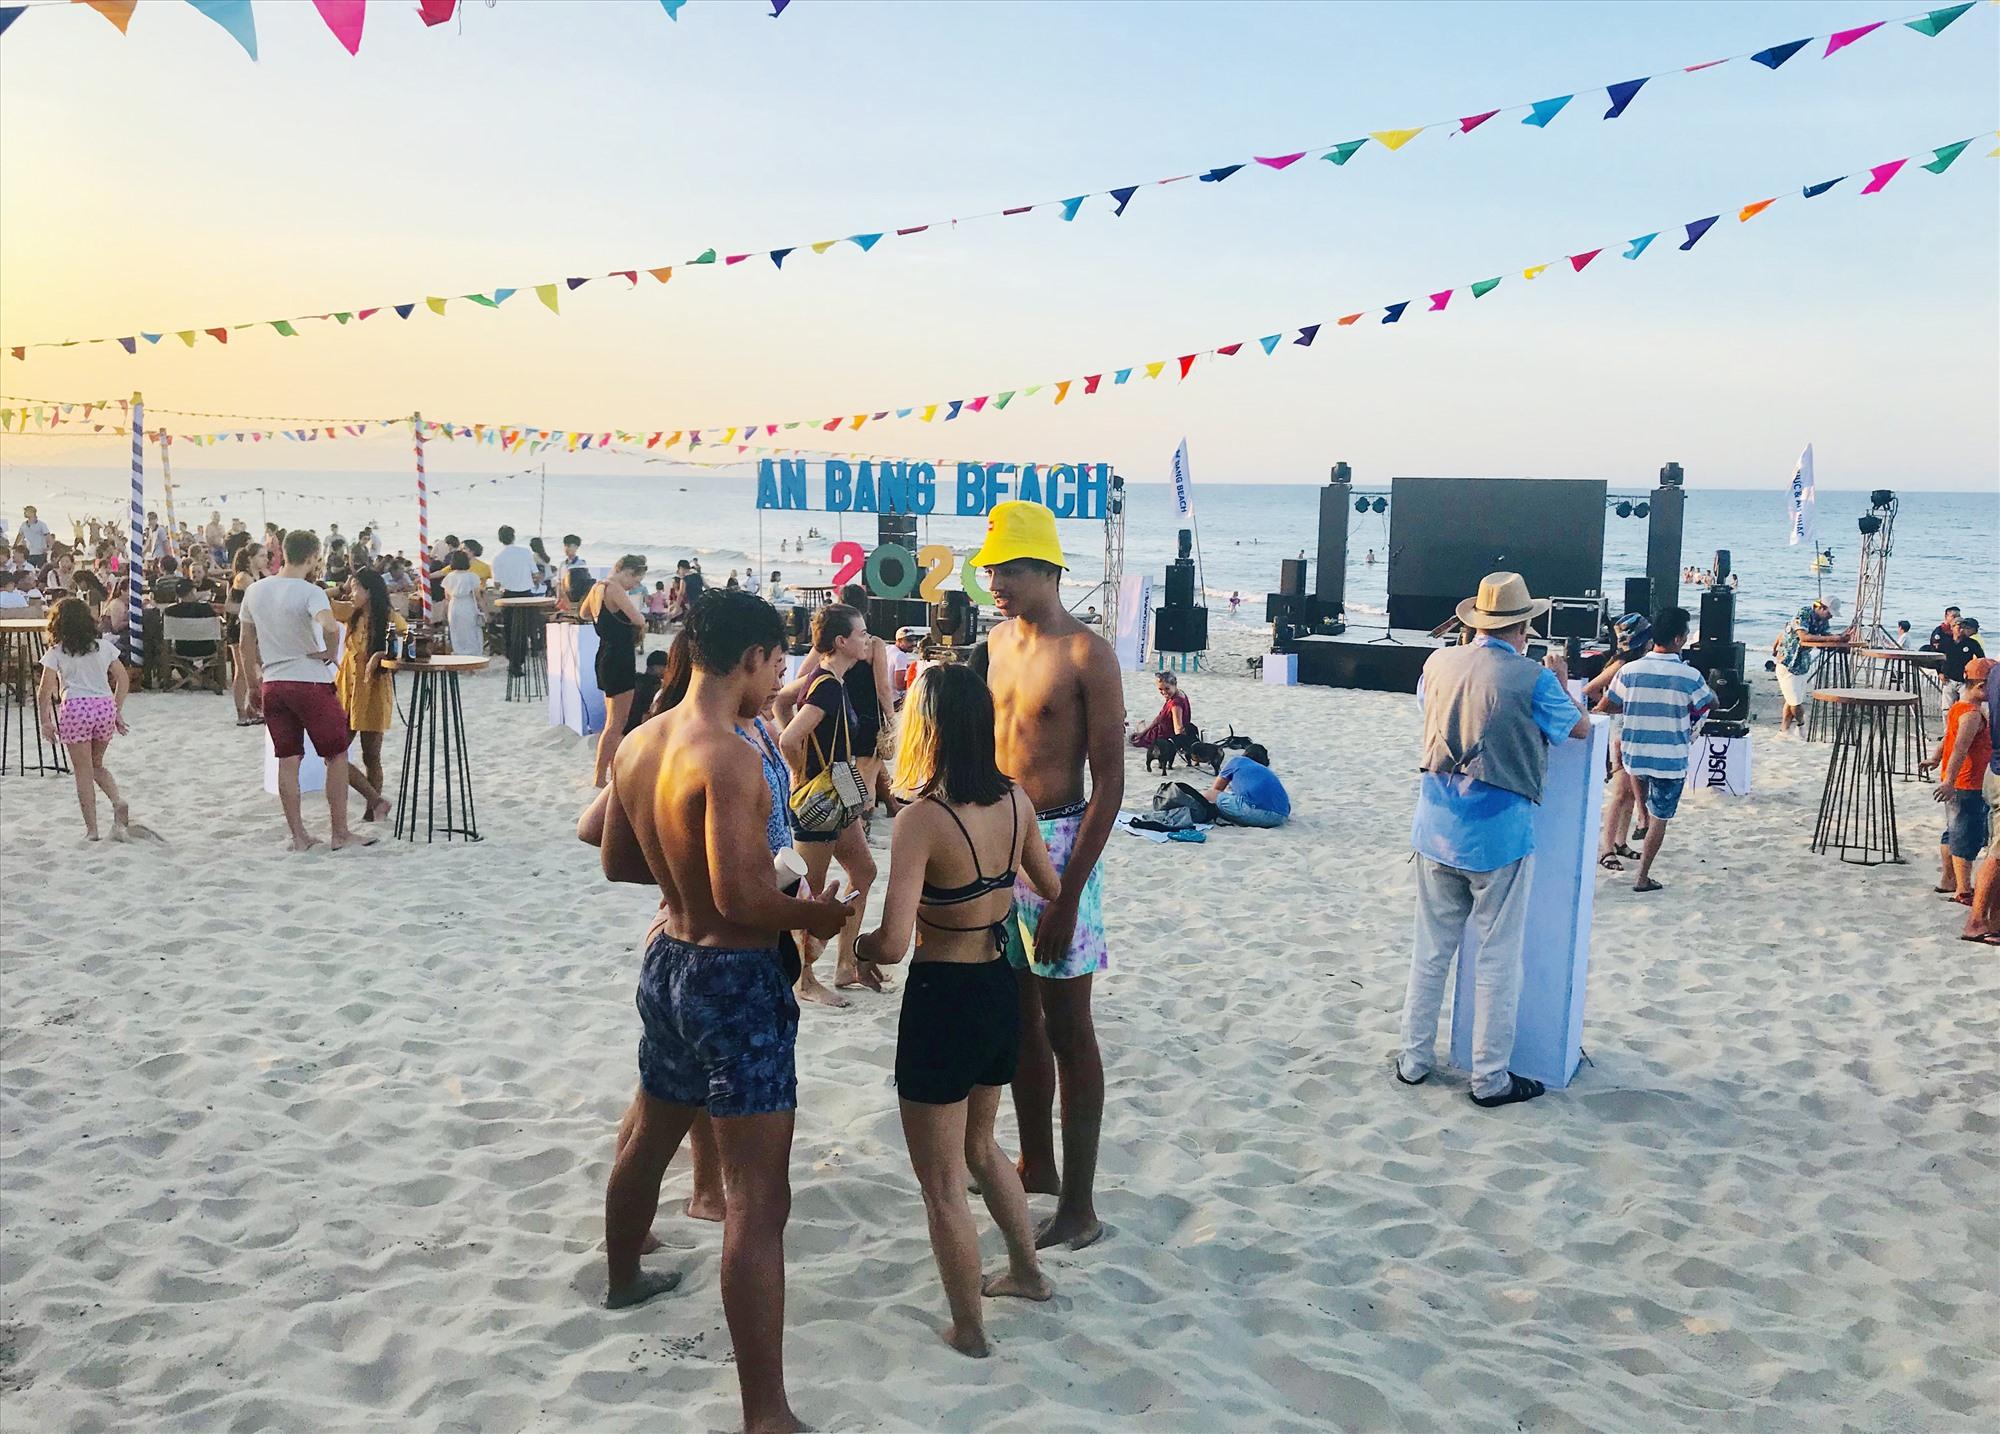 Lễ hội biển An Bàng sẽ tiếp tục được nâng cấp trong thời gian tới để thu hút du khách. Ảnh: Q.T